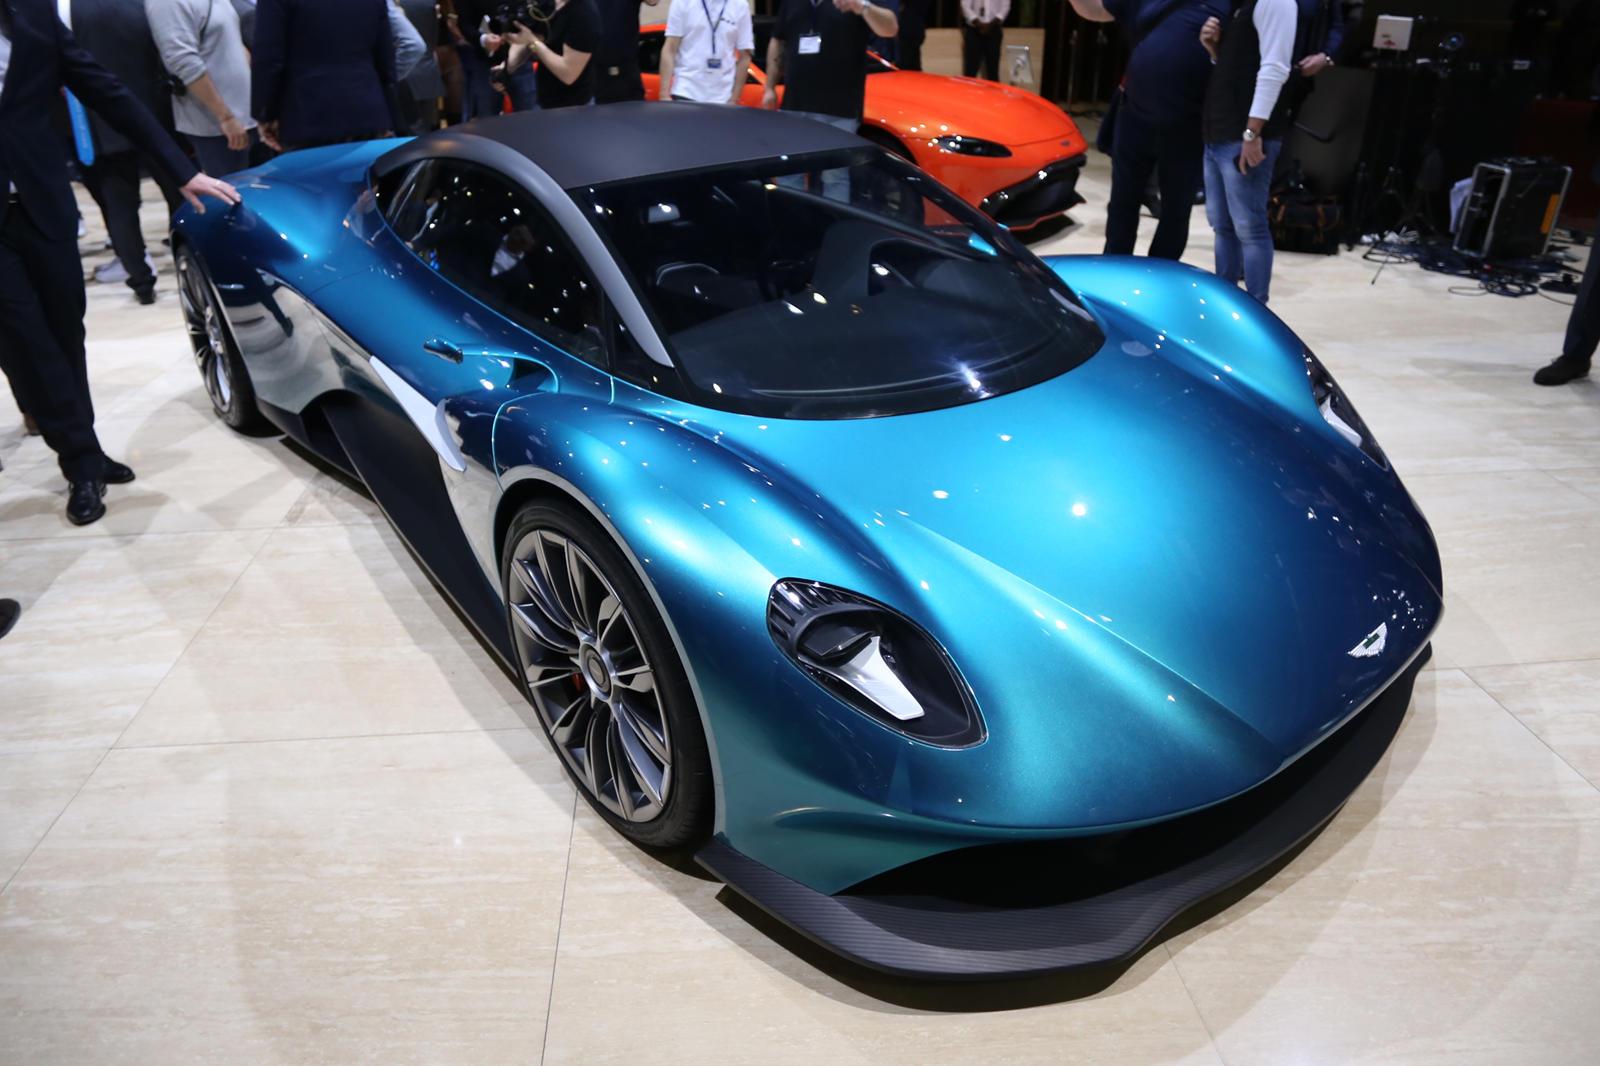 Aston Martin Vanquish Vision Concept Previews Future Ferrari Fighter Carbuzz